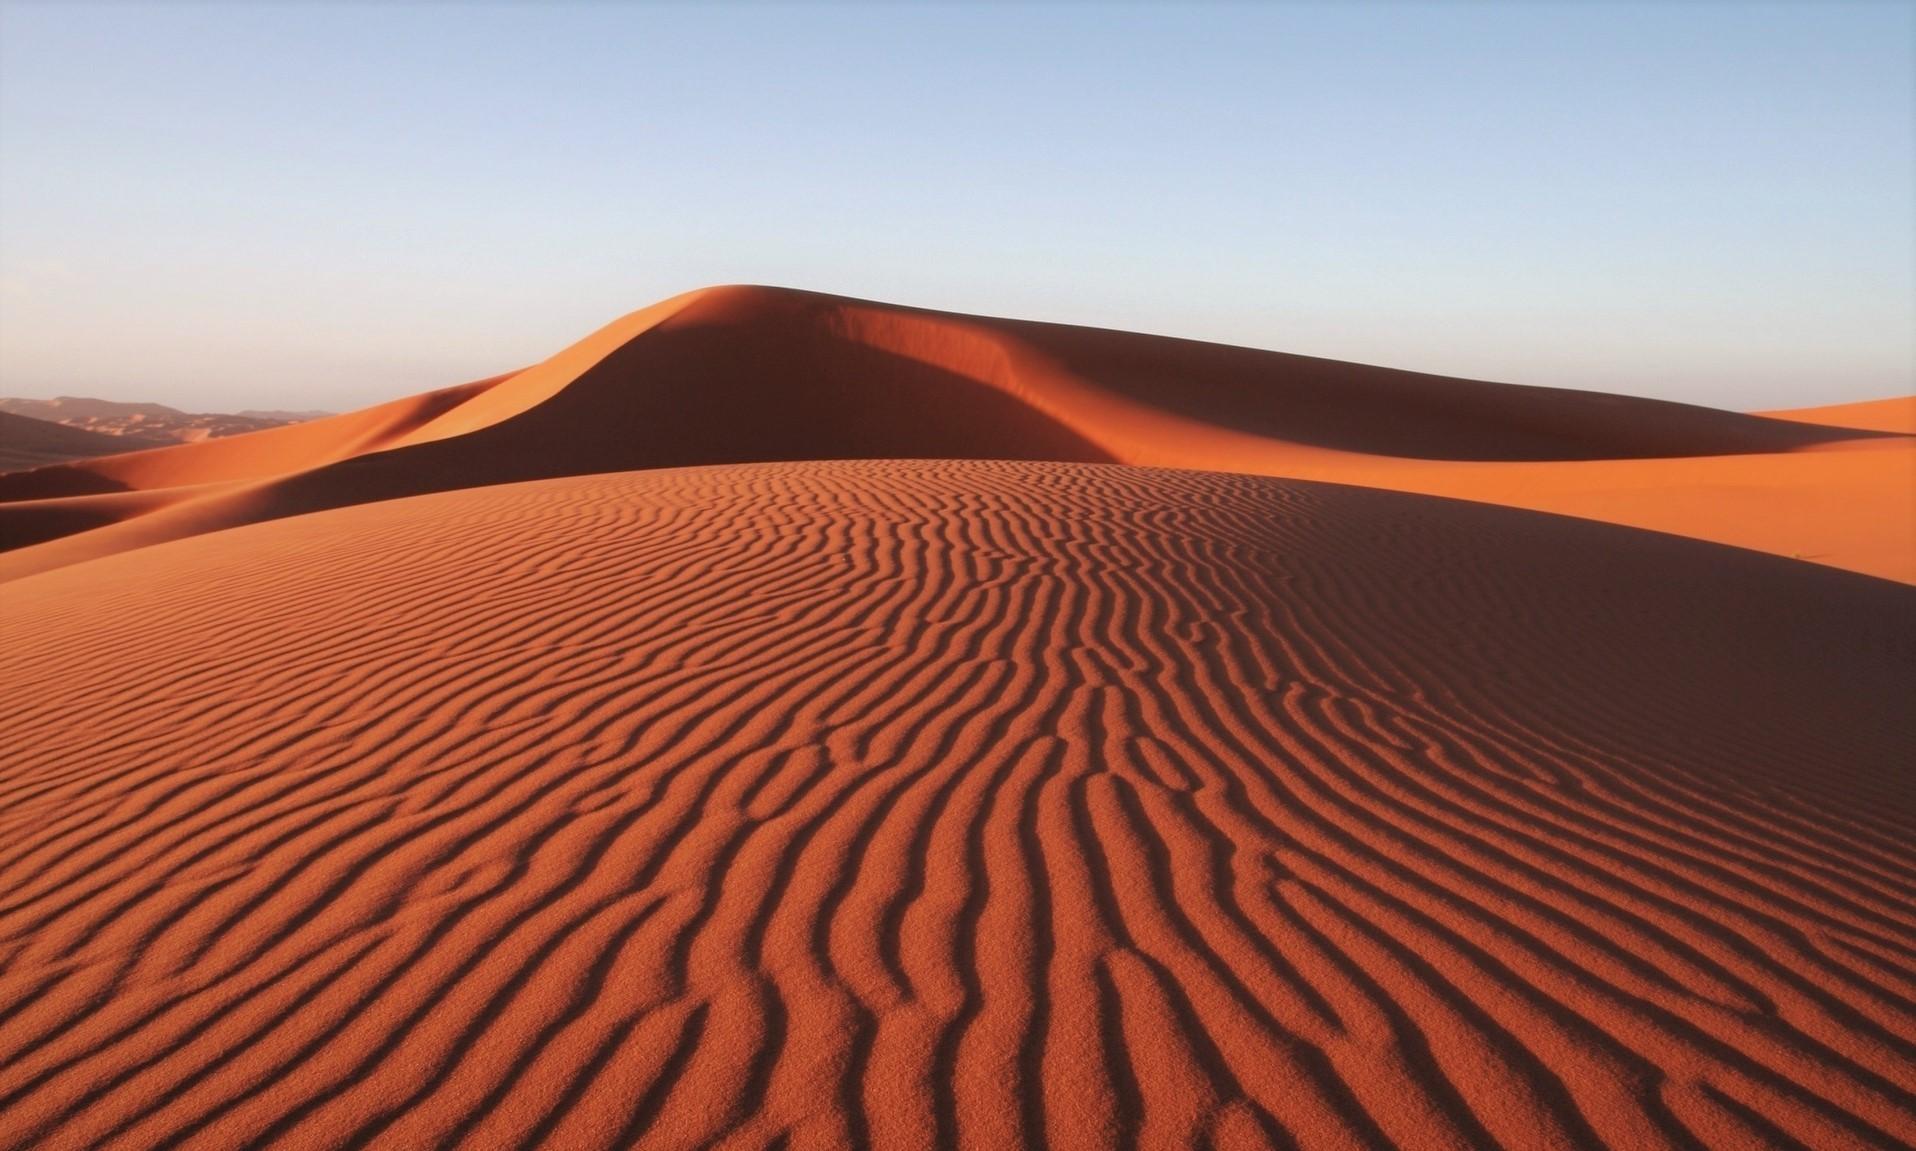 Пустыня - описание, особенности, классификация, флора, фауна, фото и видео